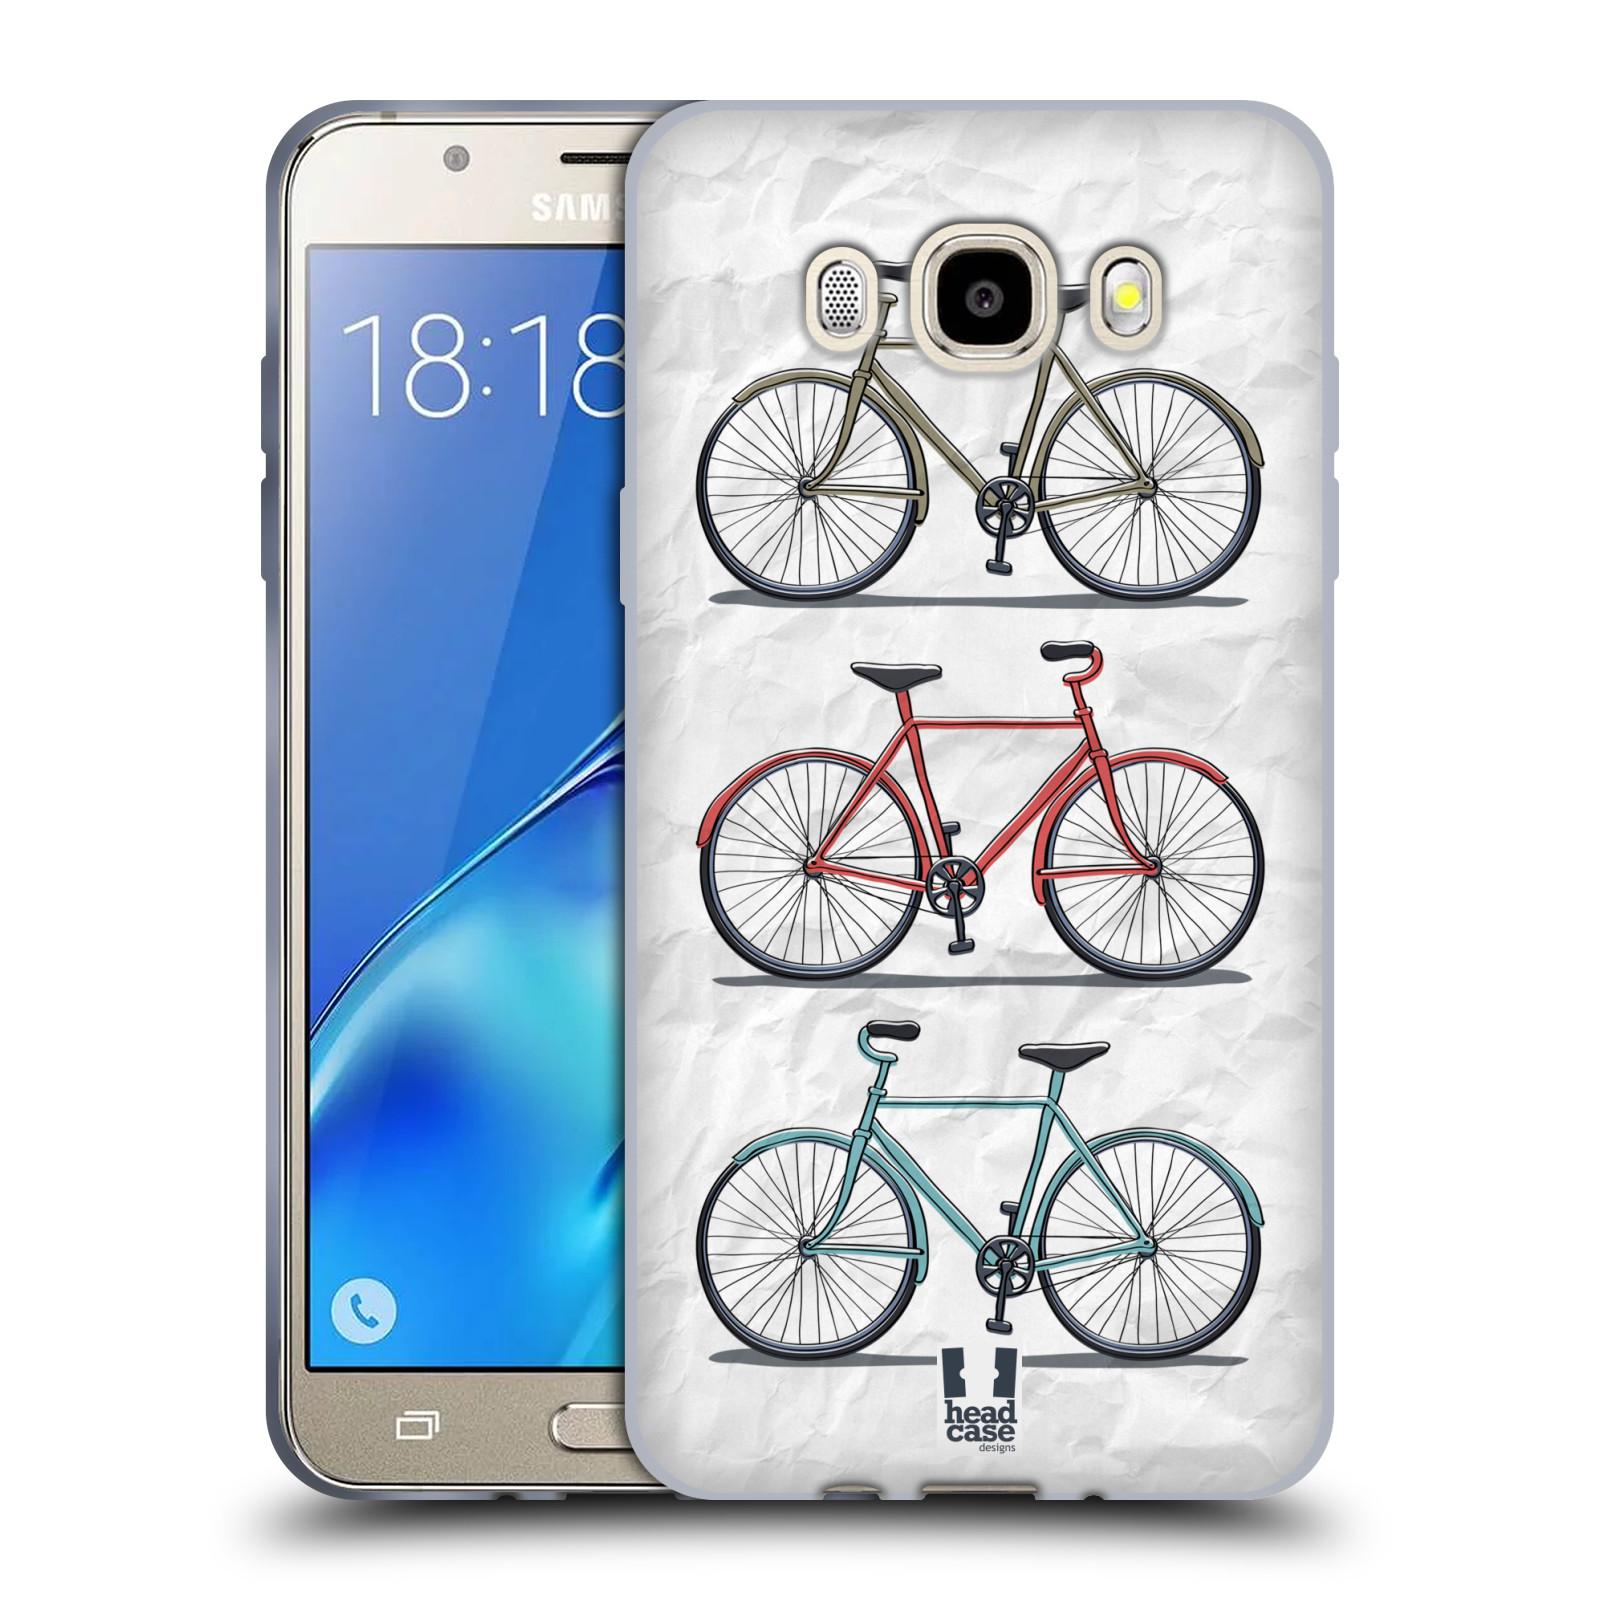 HEAD CASE silikonový obal, kryt na mobil Samsung Galaxy J5 2016, J510, J510F, (J510F DUAL SIM) vzor Retro kola 3 kola